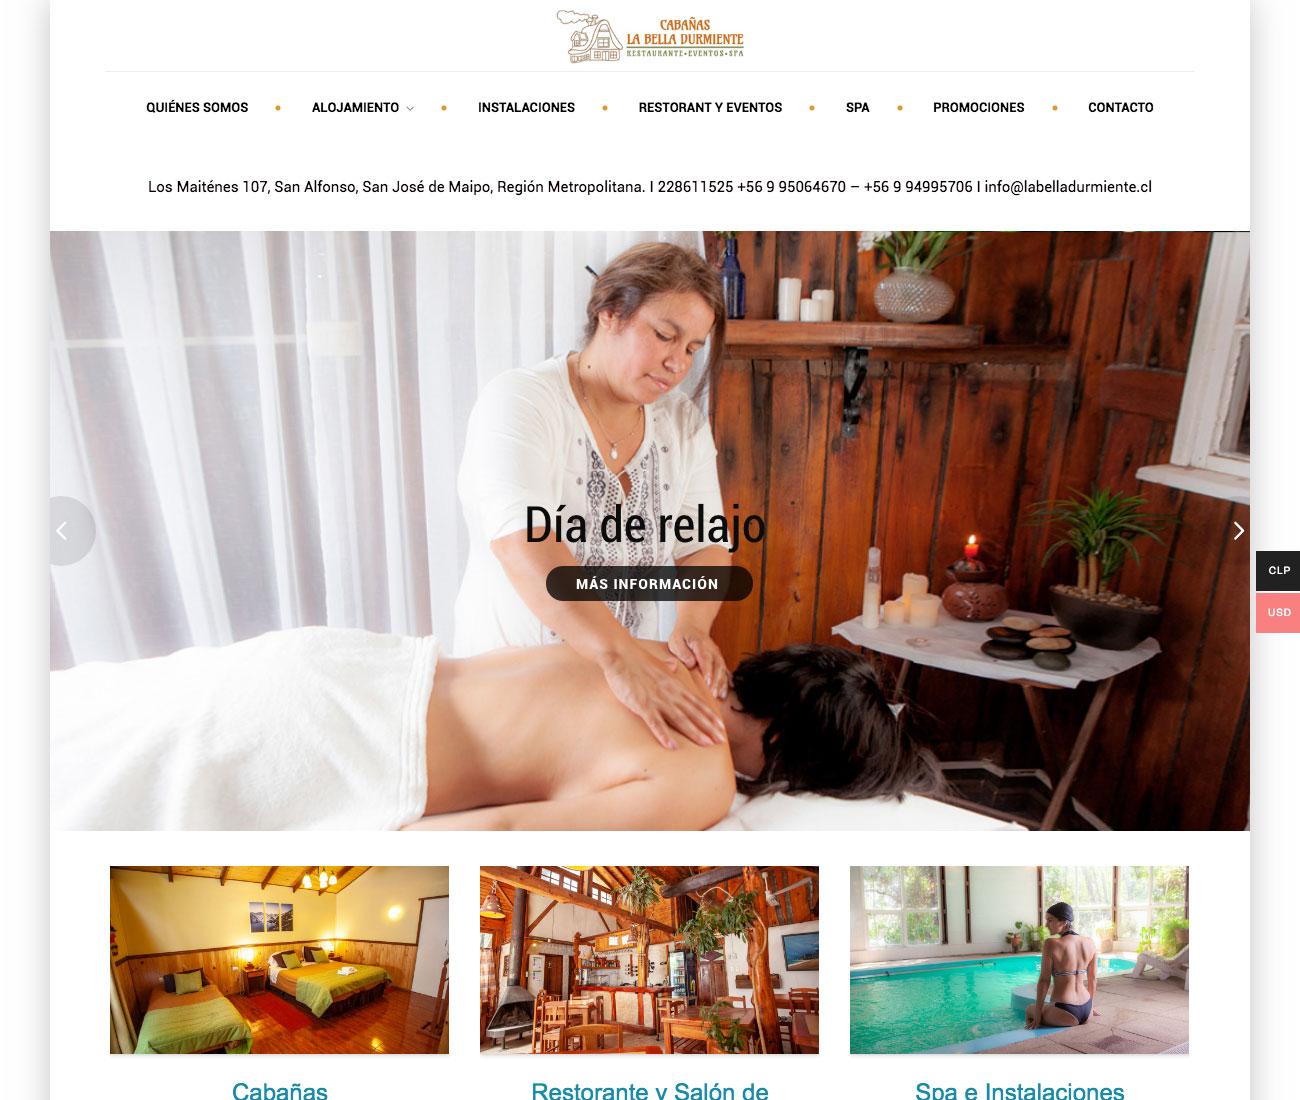 la-bella-durmiente-captura-pagina-web-01